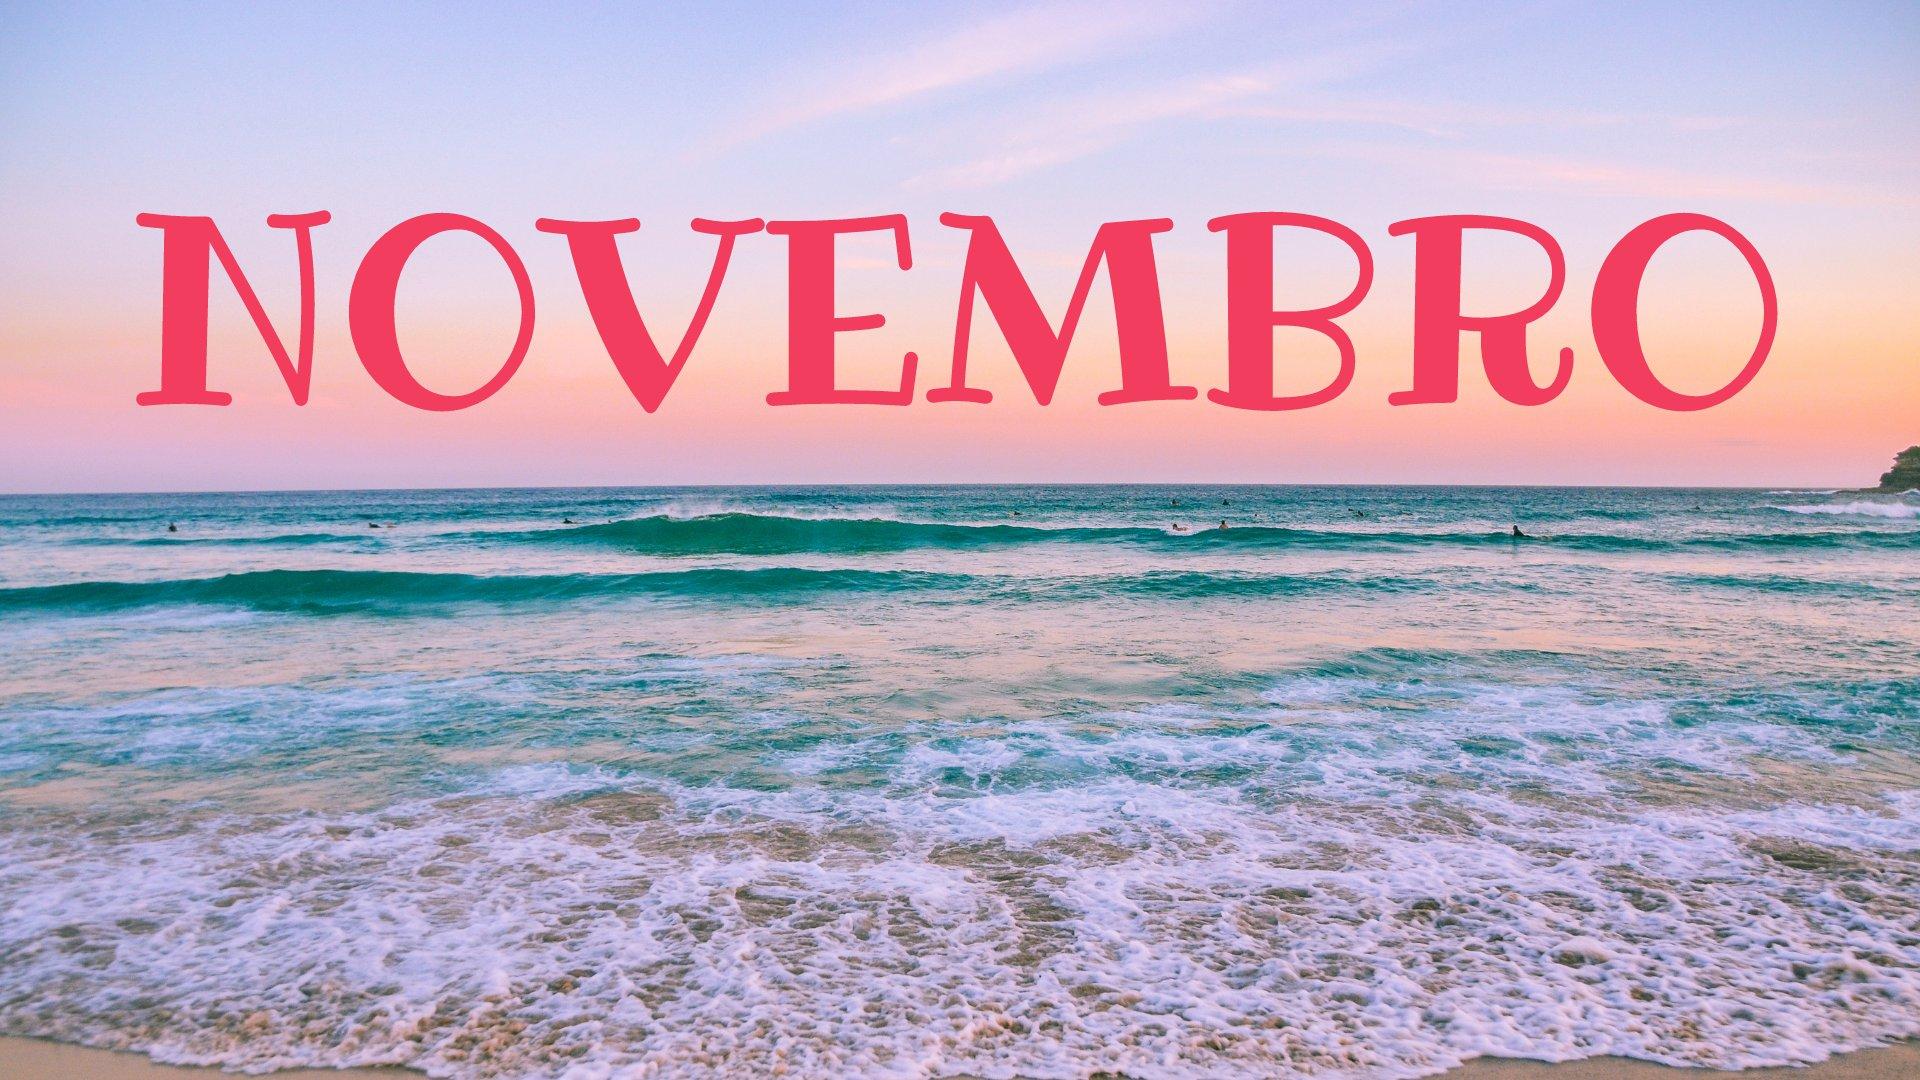 Frases De Novembro Algo Bom Acontecerá